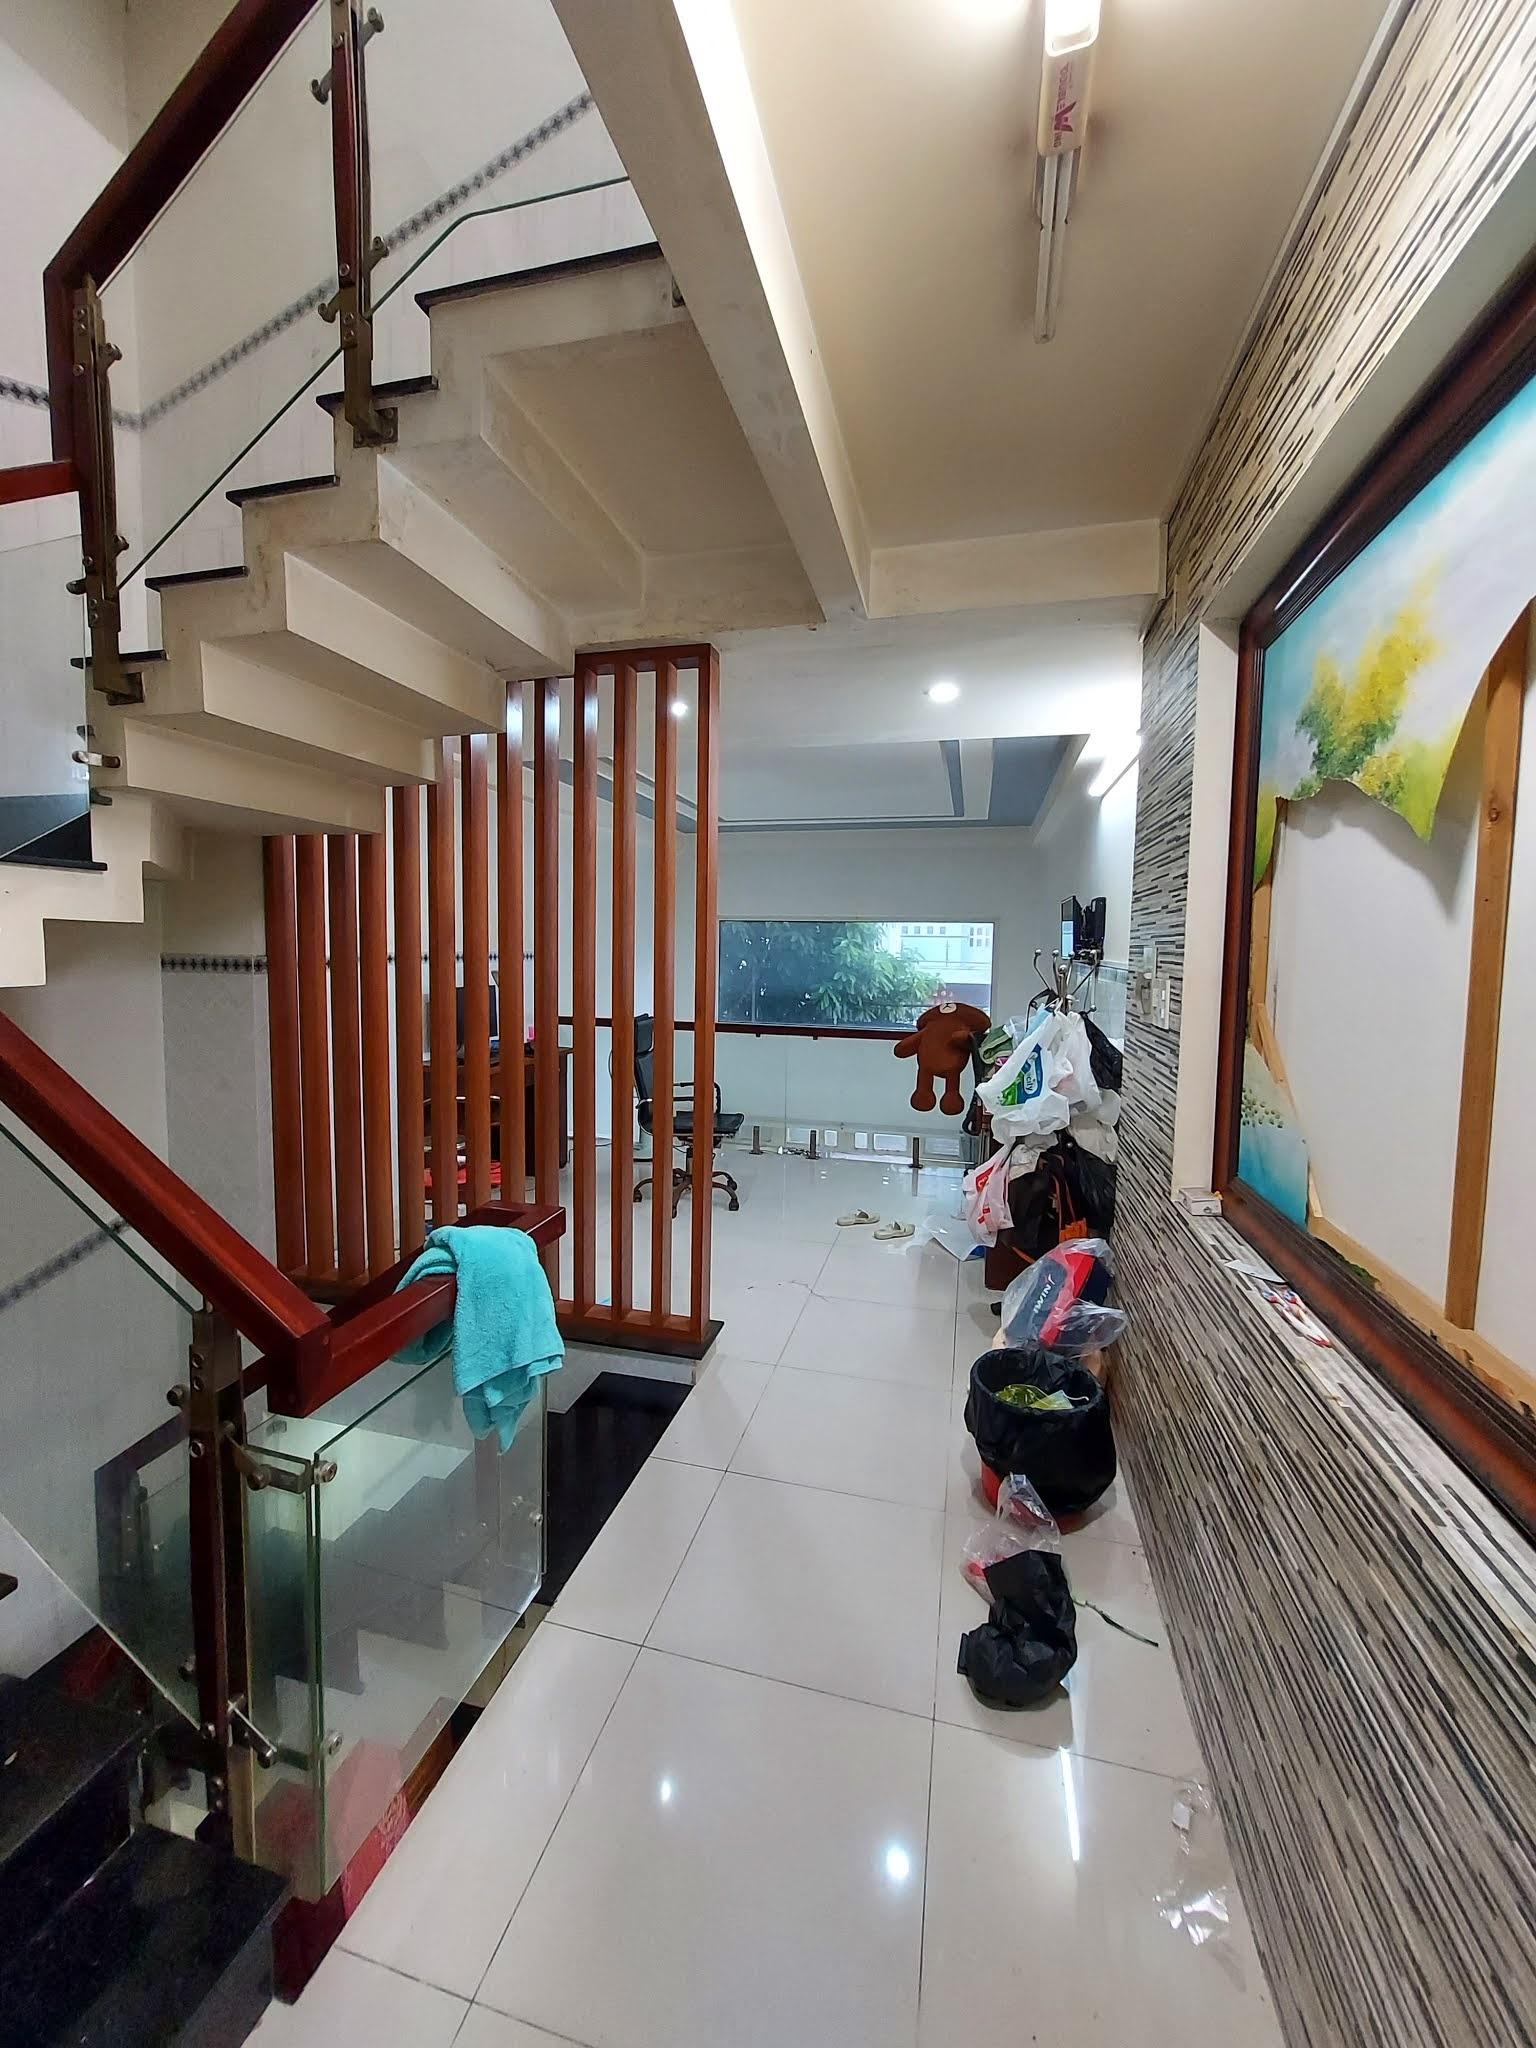 Bán nhà Mặt tiền đường 12m Cư xá Phú Lâm D Quận 6 gần Metro Bình Phú cũ